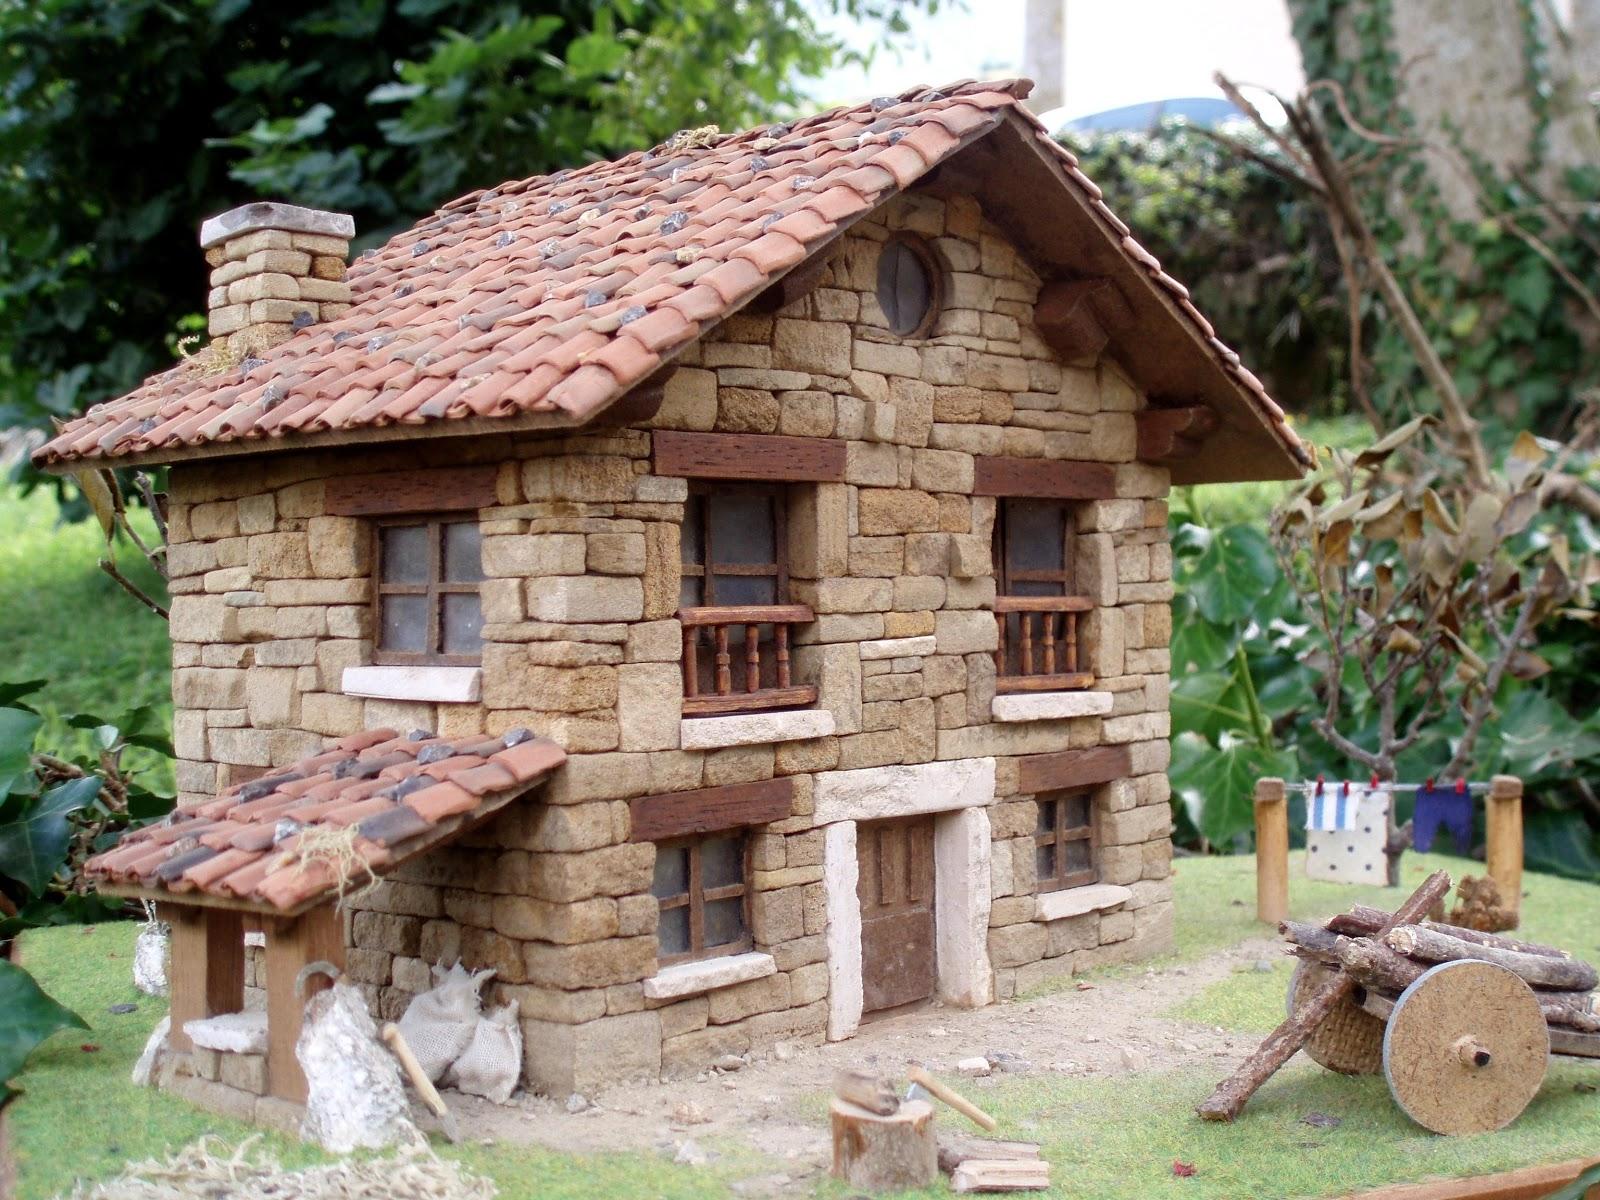 Cope ribadesella 98 3 fm un cabraliego expone sus casas en miniatura en llanes - Casas en miniatura de madera ...